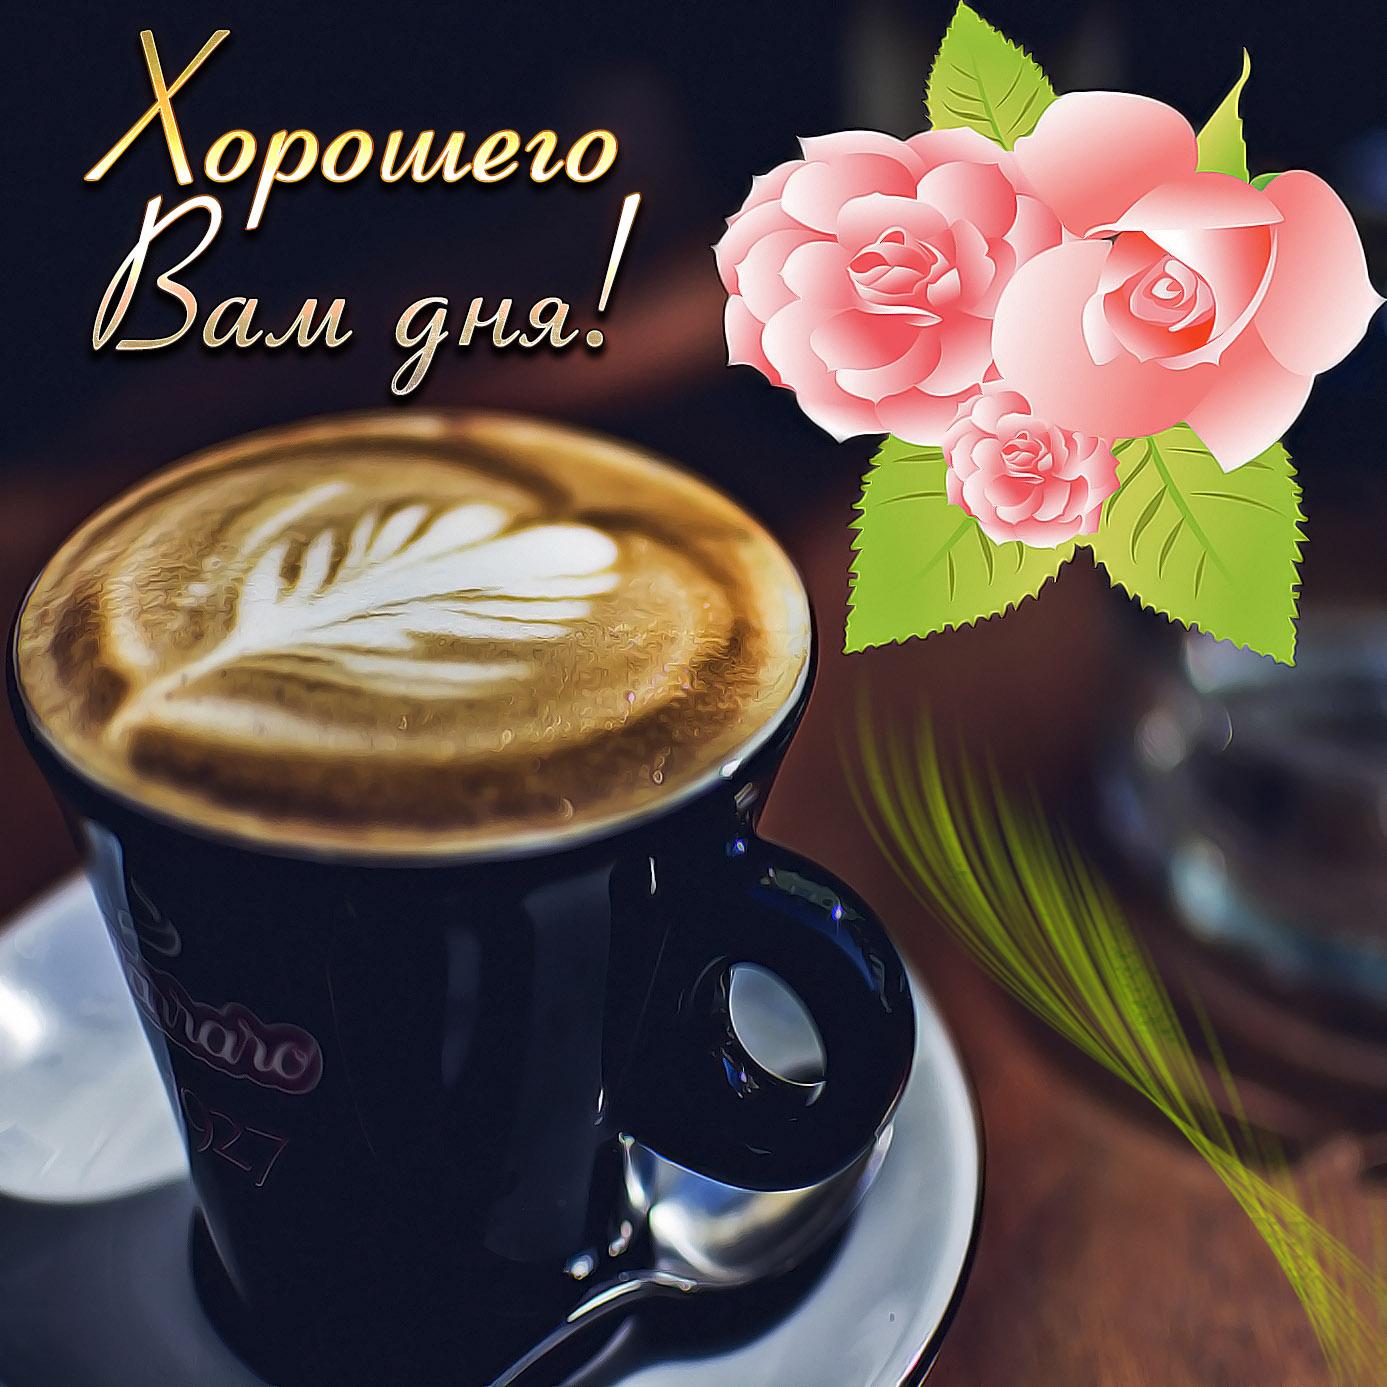 Красивая открытка с пожеланием хорошего дня